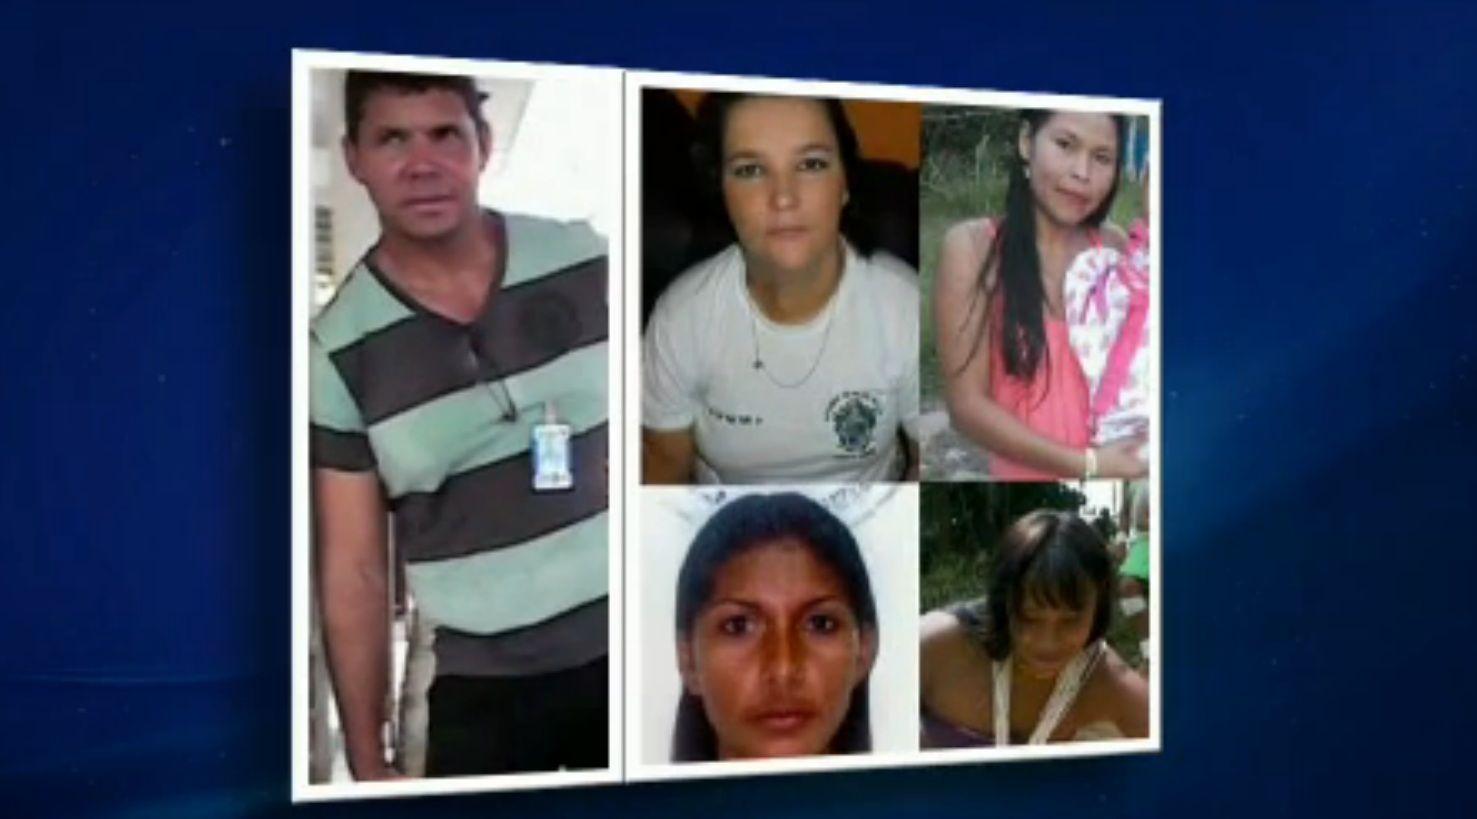 Cinco pessoas estavam no helicóptero que caiu no Amazonas / Reprodução/Jornal da Band